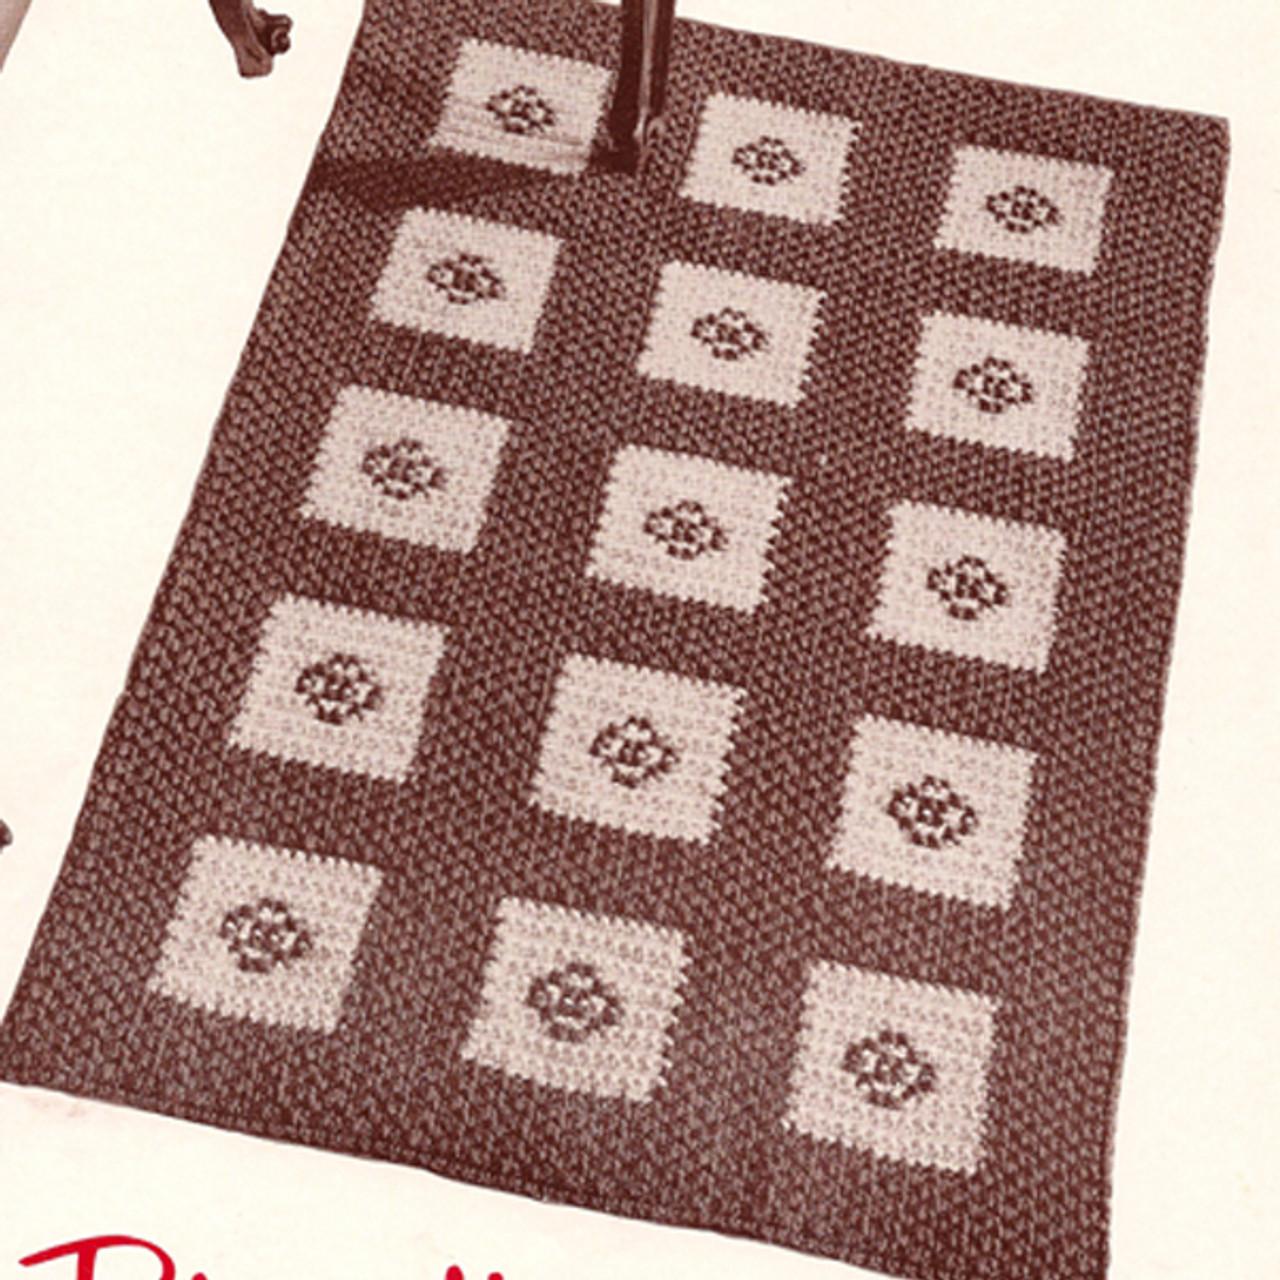 Block Rug Crochet pattern in Flower Motif